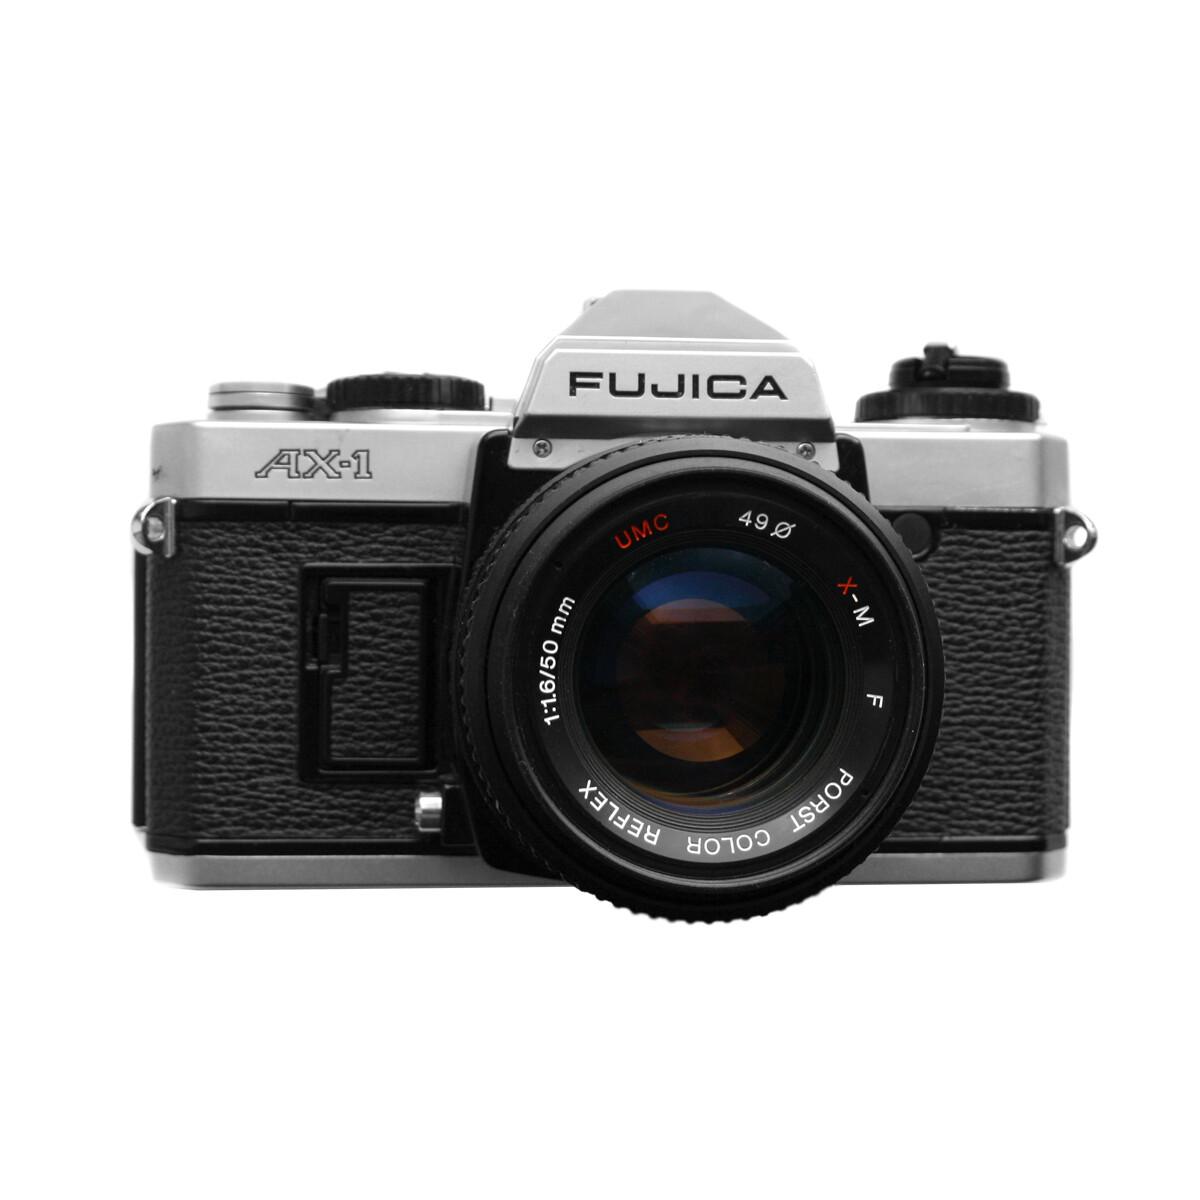 Fujica AX-1